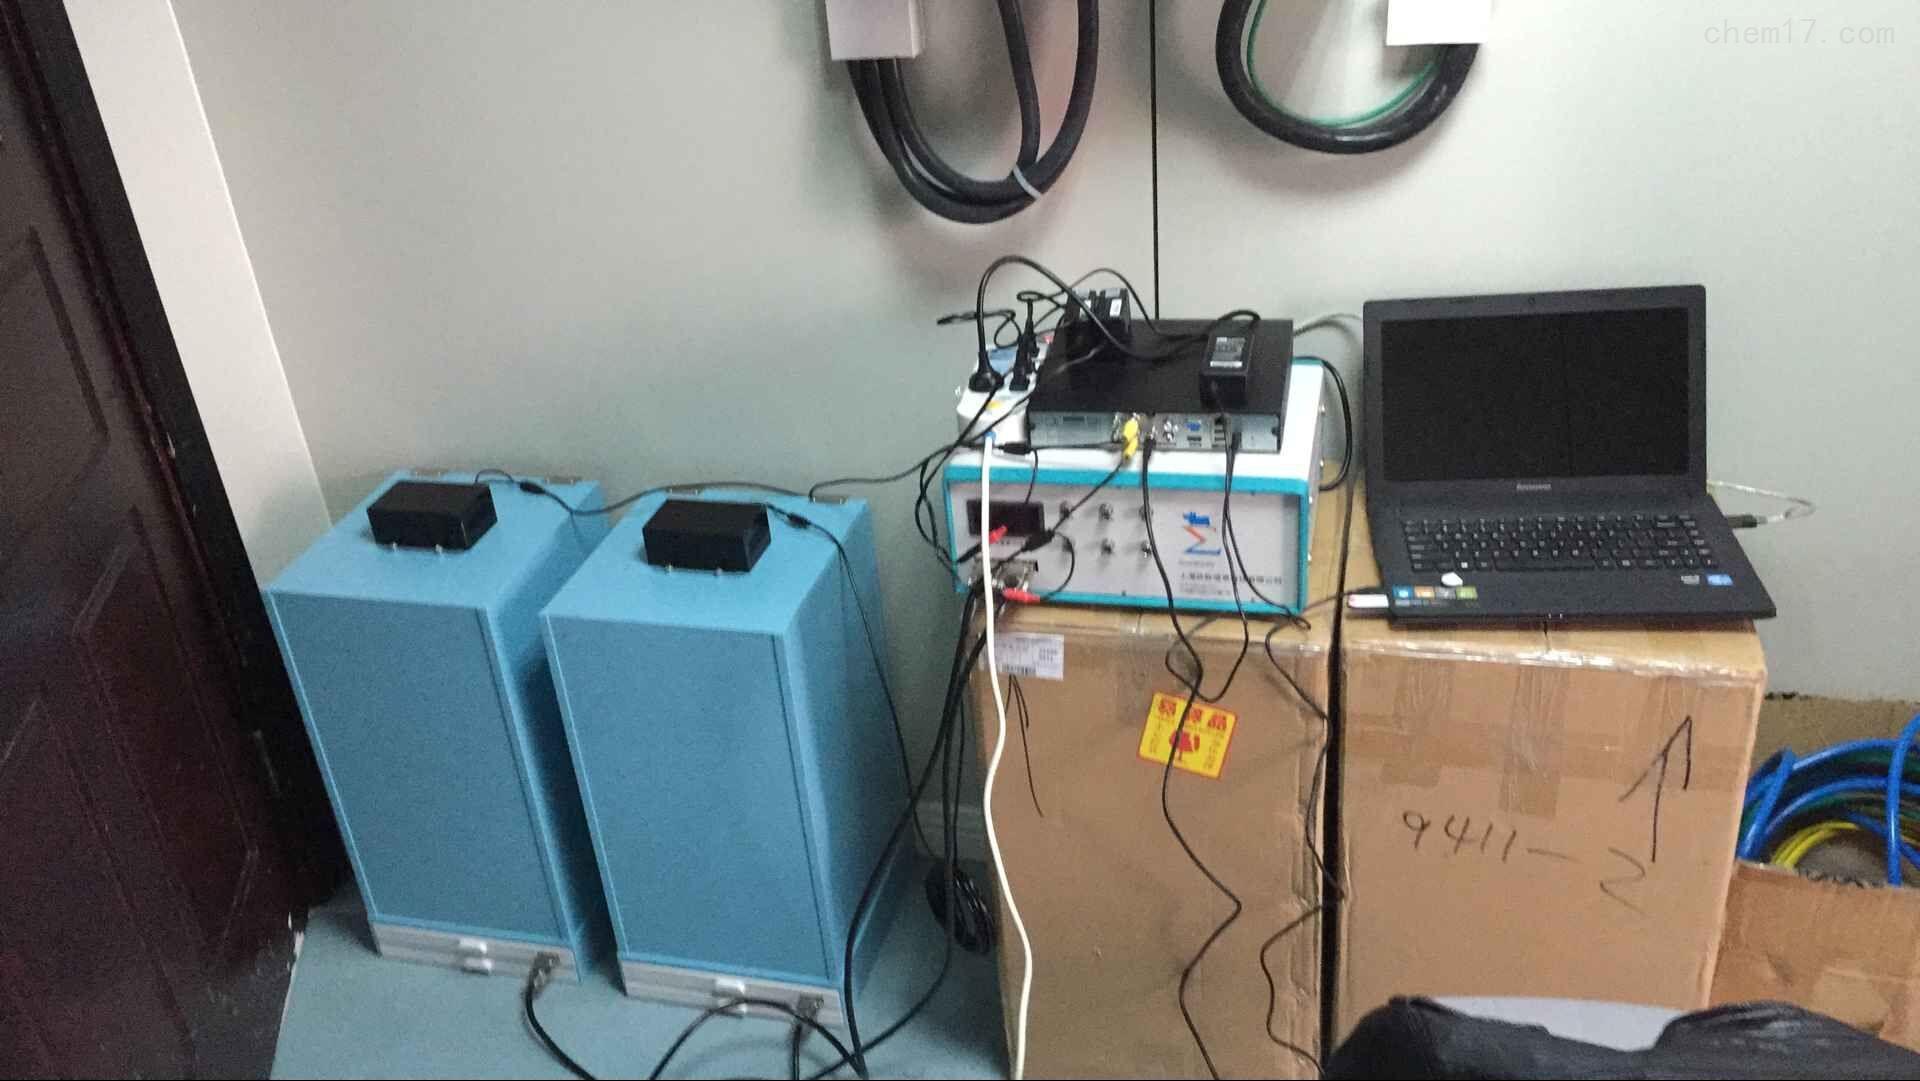 SuperSdt跳台實驗視頻分析係統學習記憶